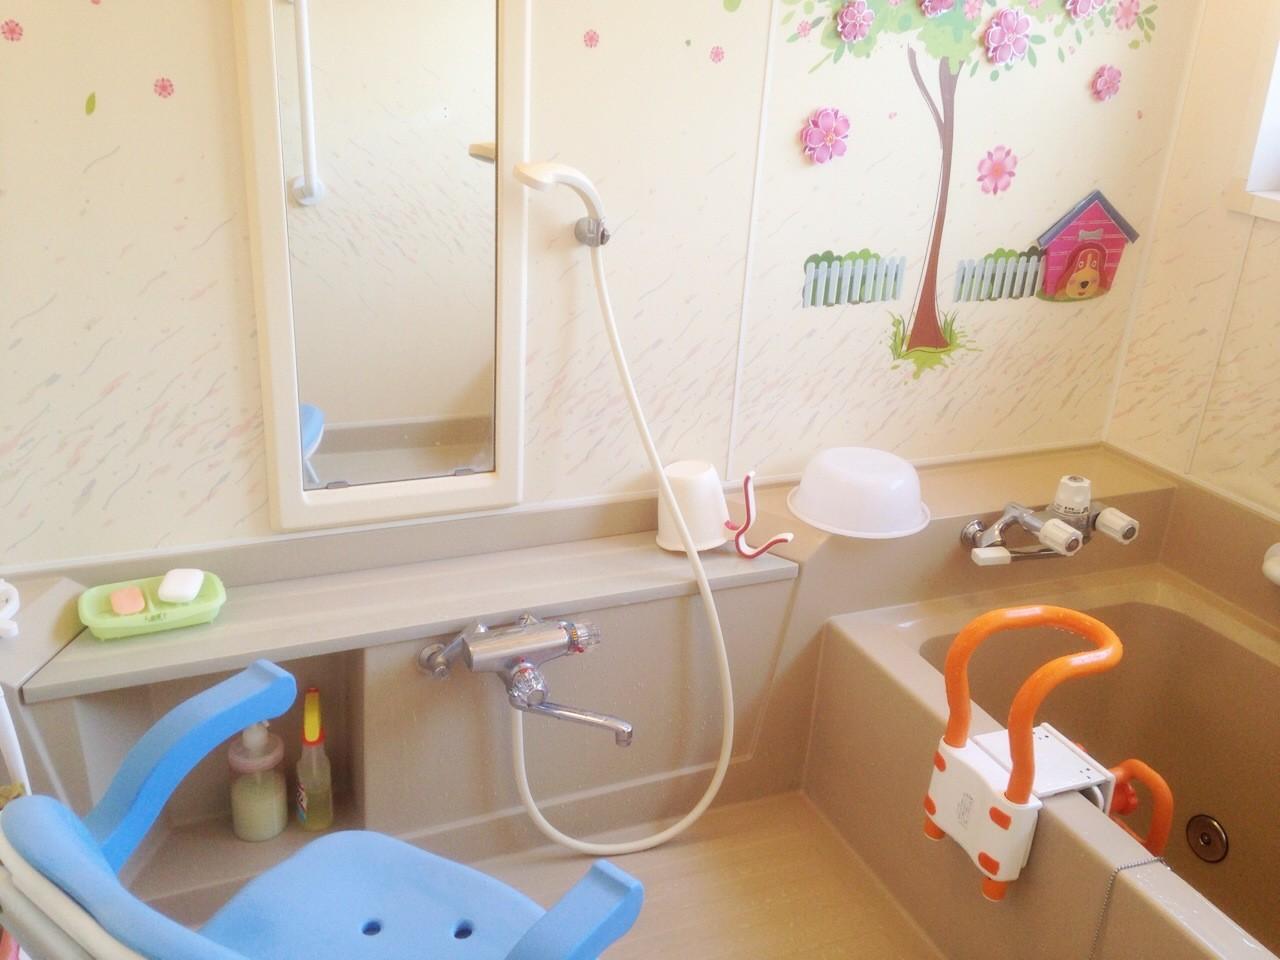 福祉用具を使用した安全にお入り頂ける個人浴槽です